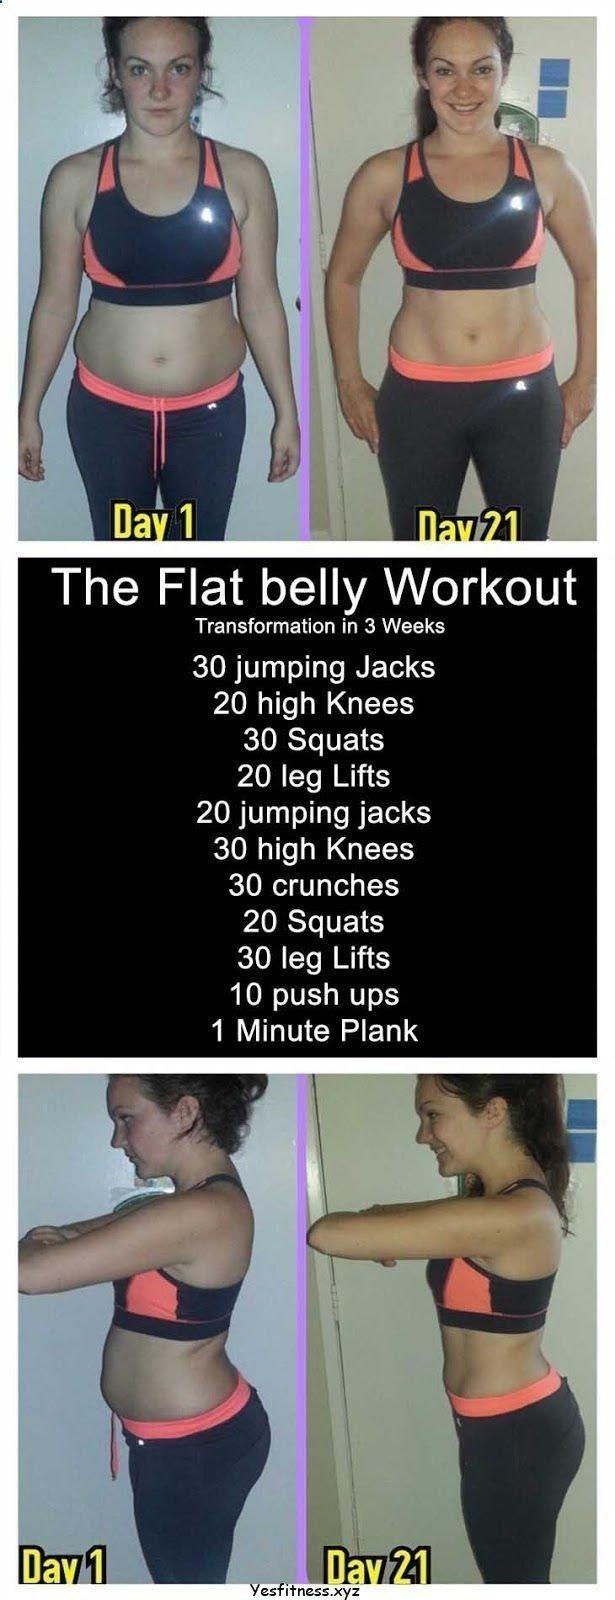 Bauchfett-Training - Das flache Bauch-Training, und wenn Sie mit Fettleibigkeit zu kämpfen haben #quickfitness